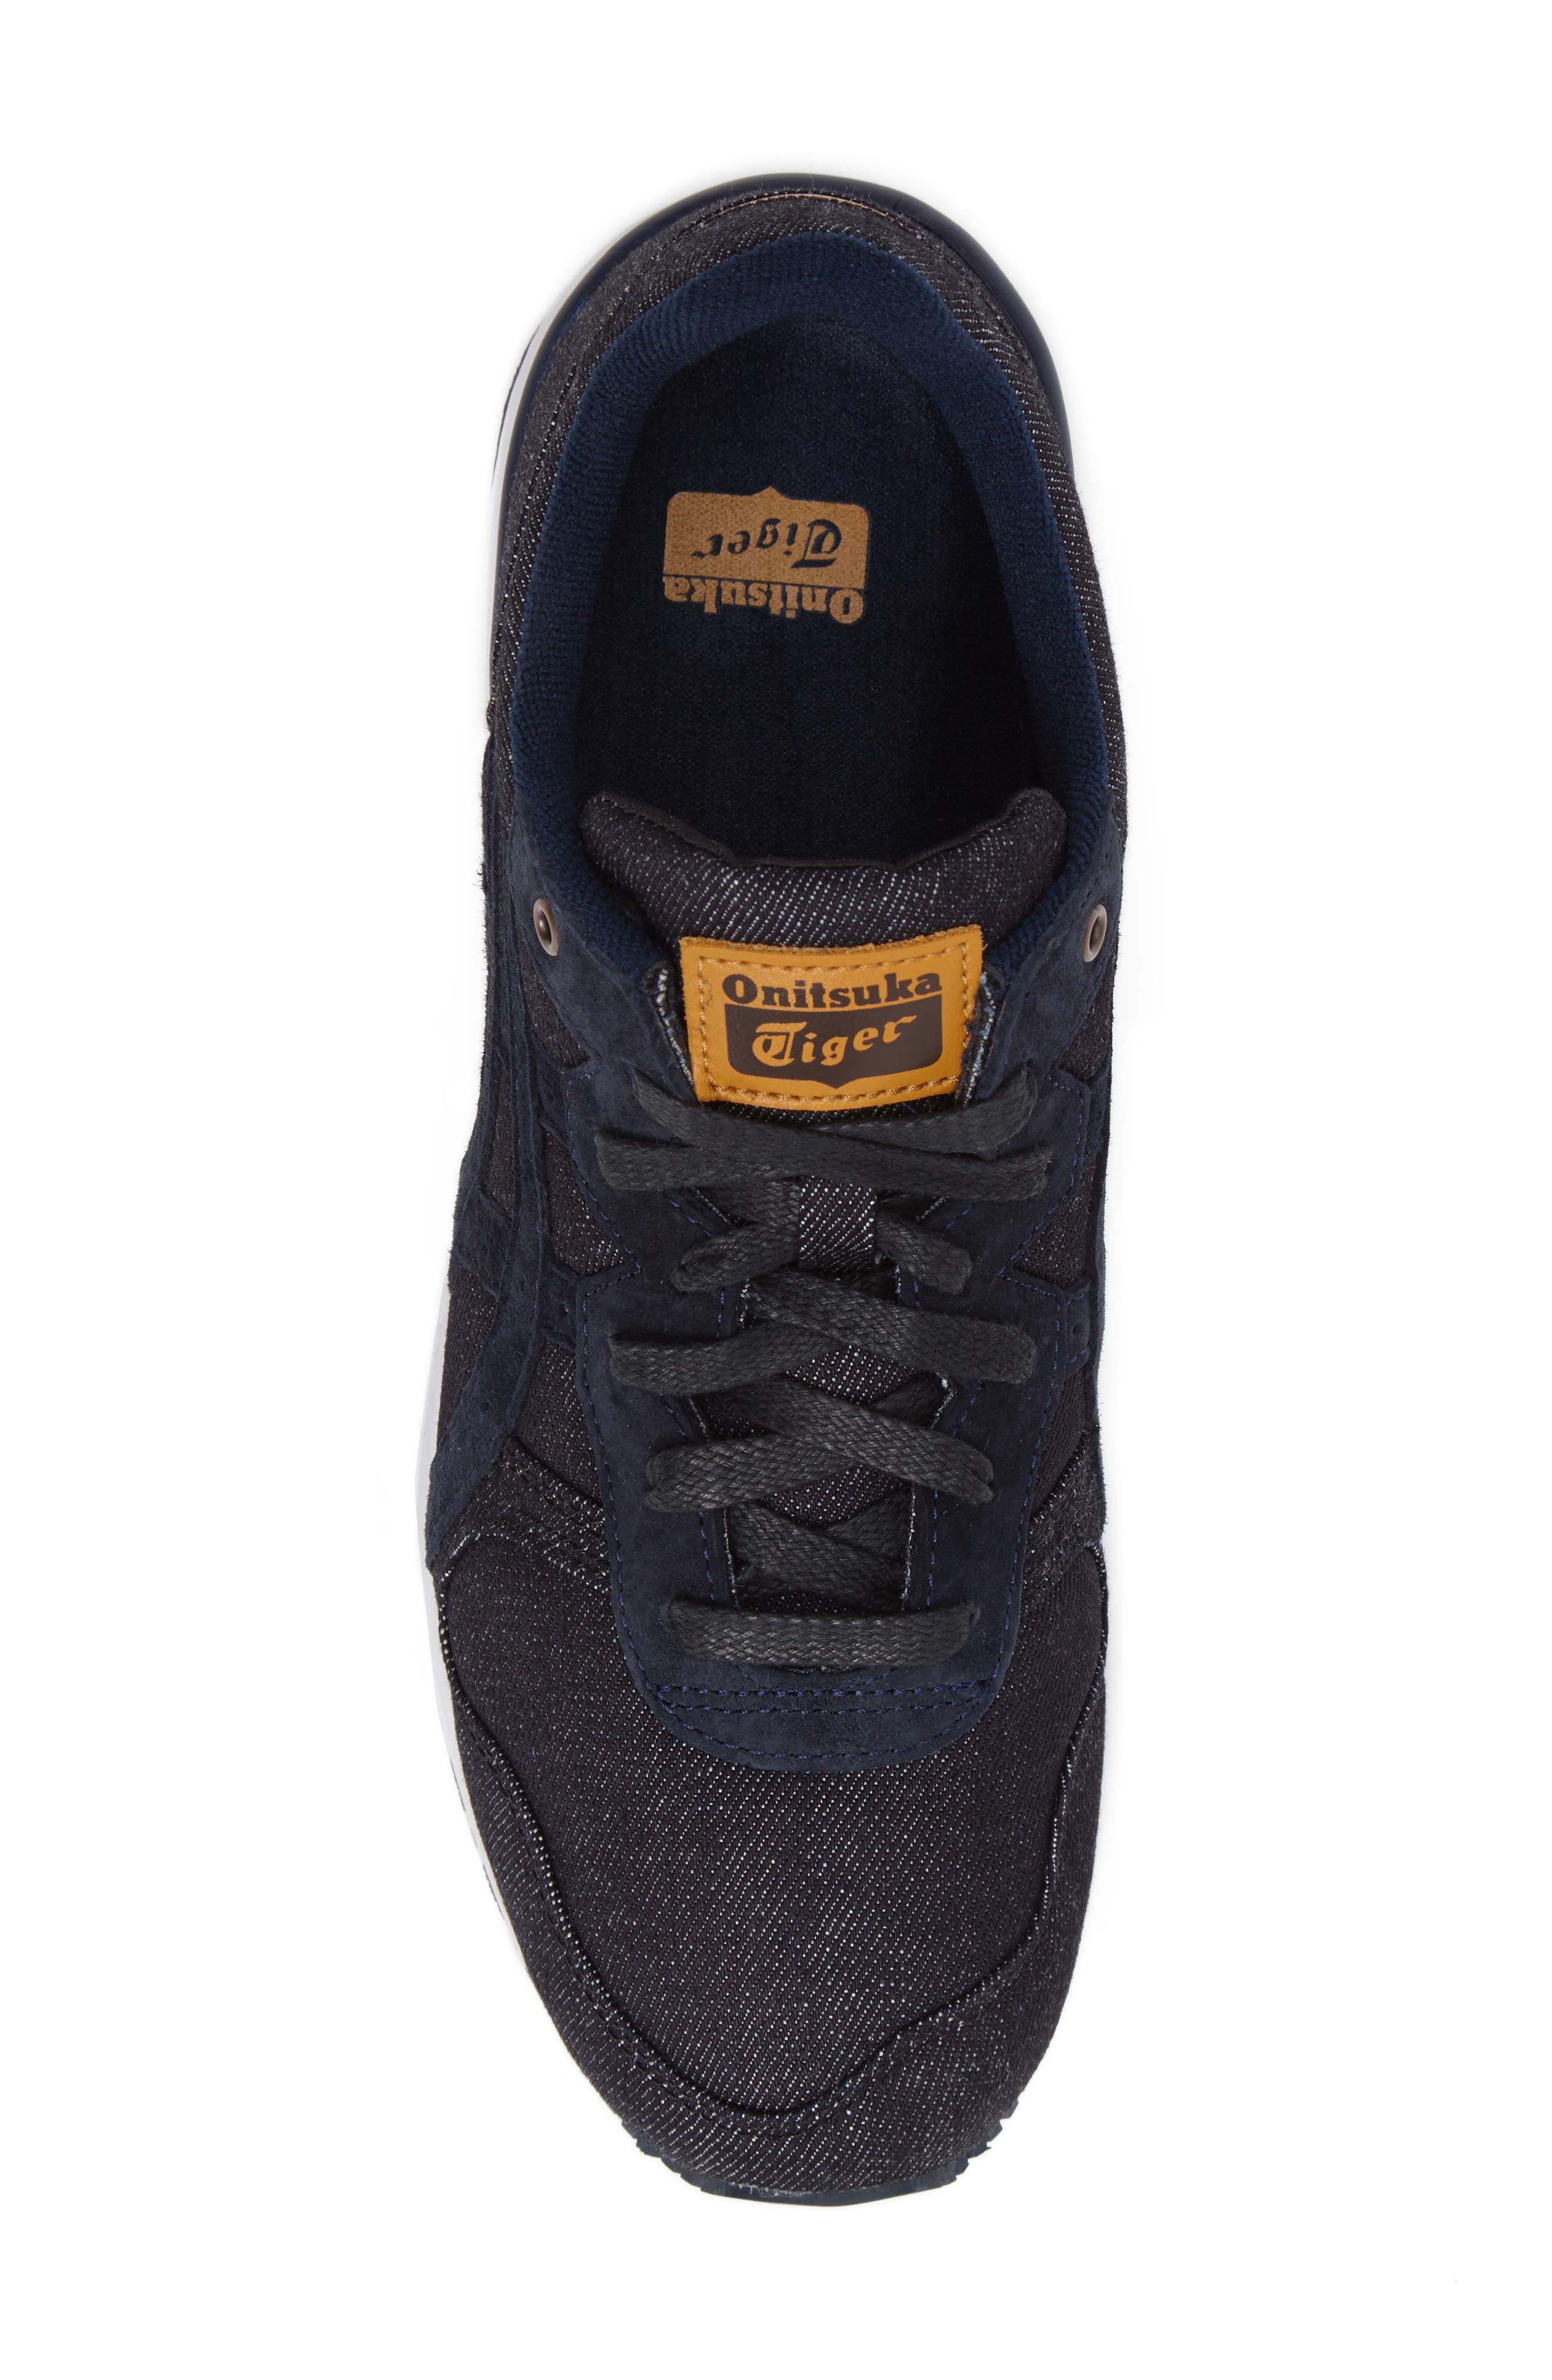 Onitsuka Tiger Ally Sneaker,                             Alternate thumbnail 5, color,                             Indigo Blue/ Indigo Blue